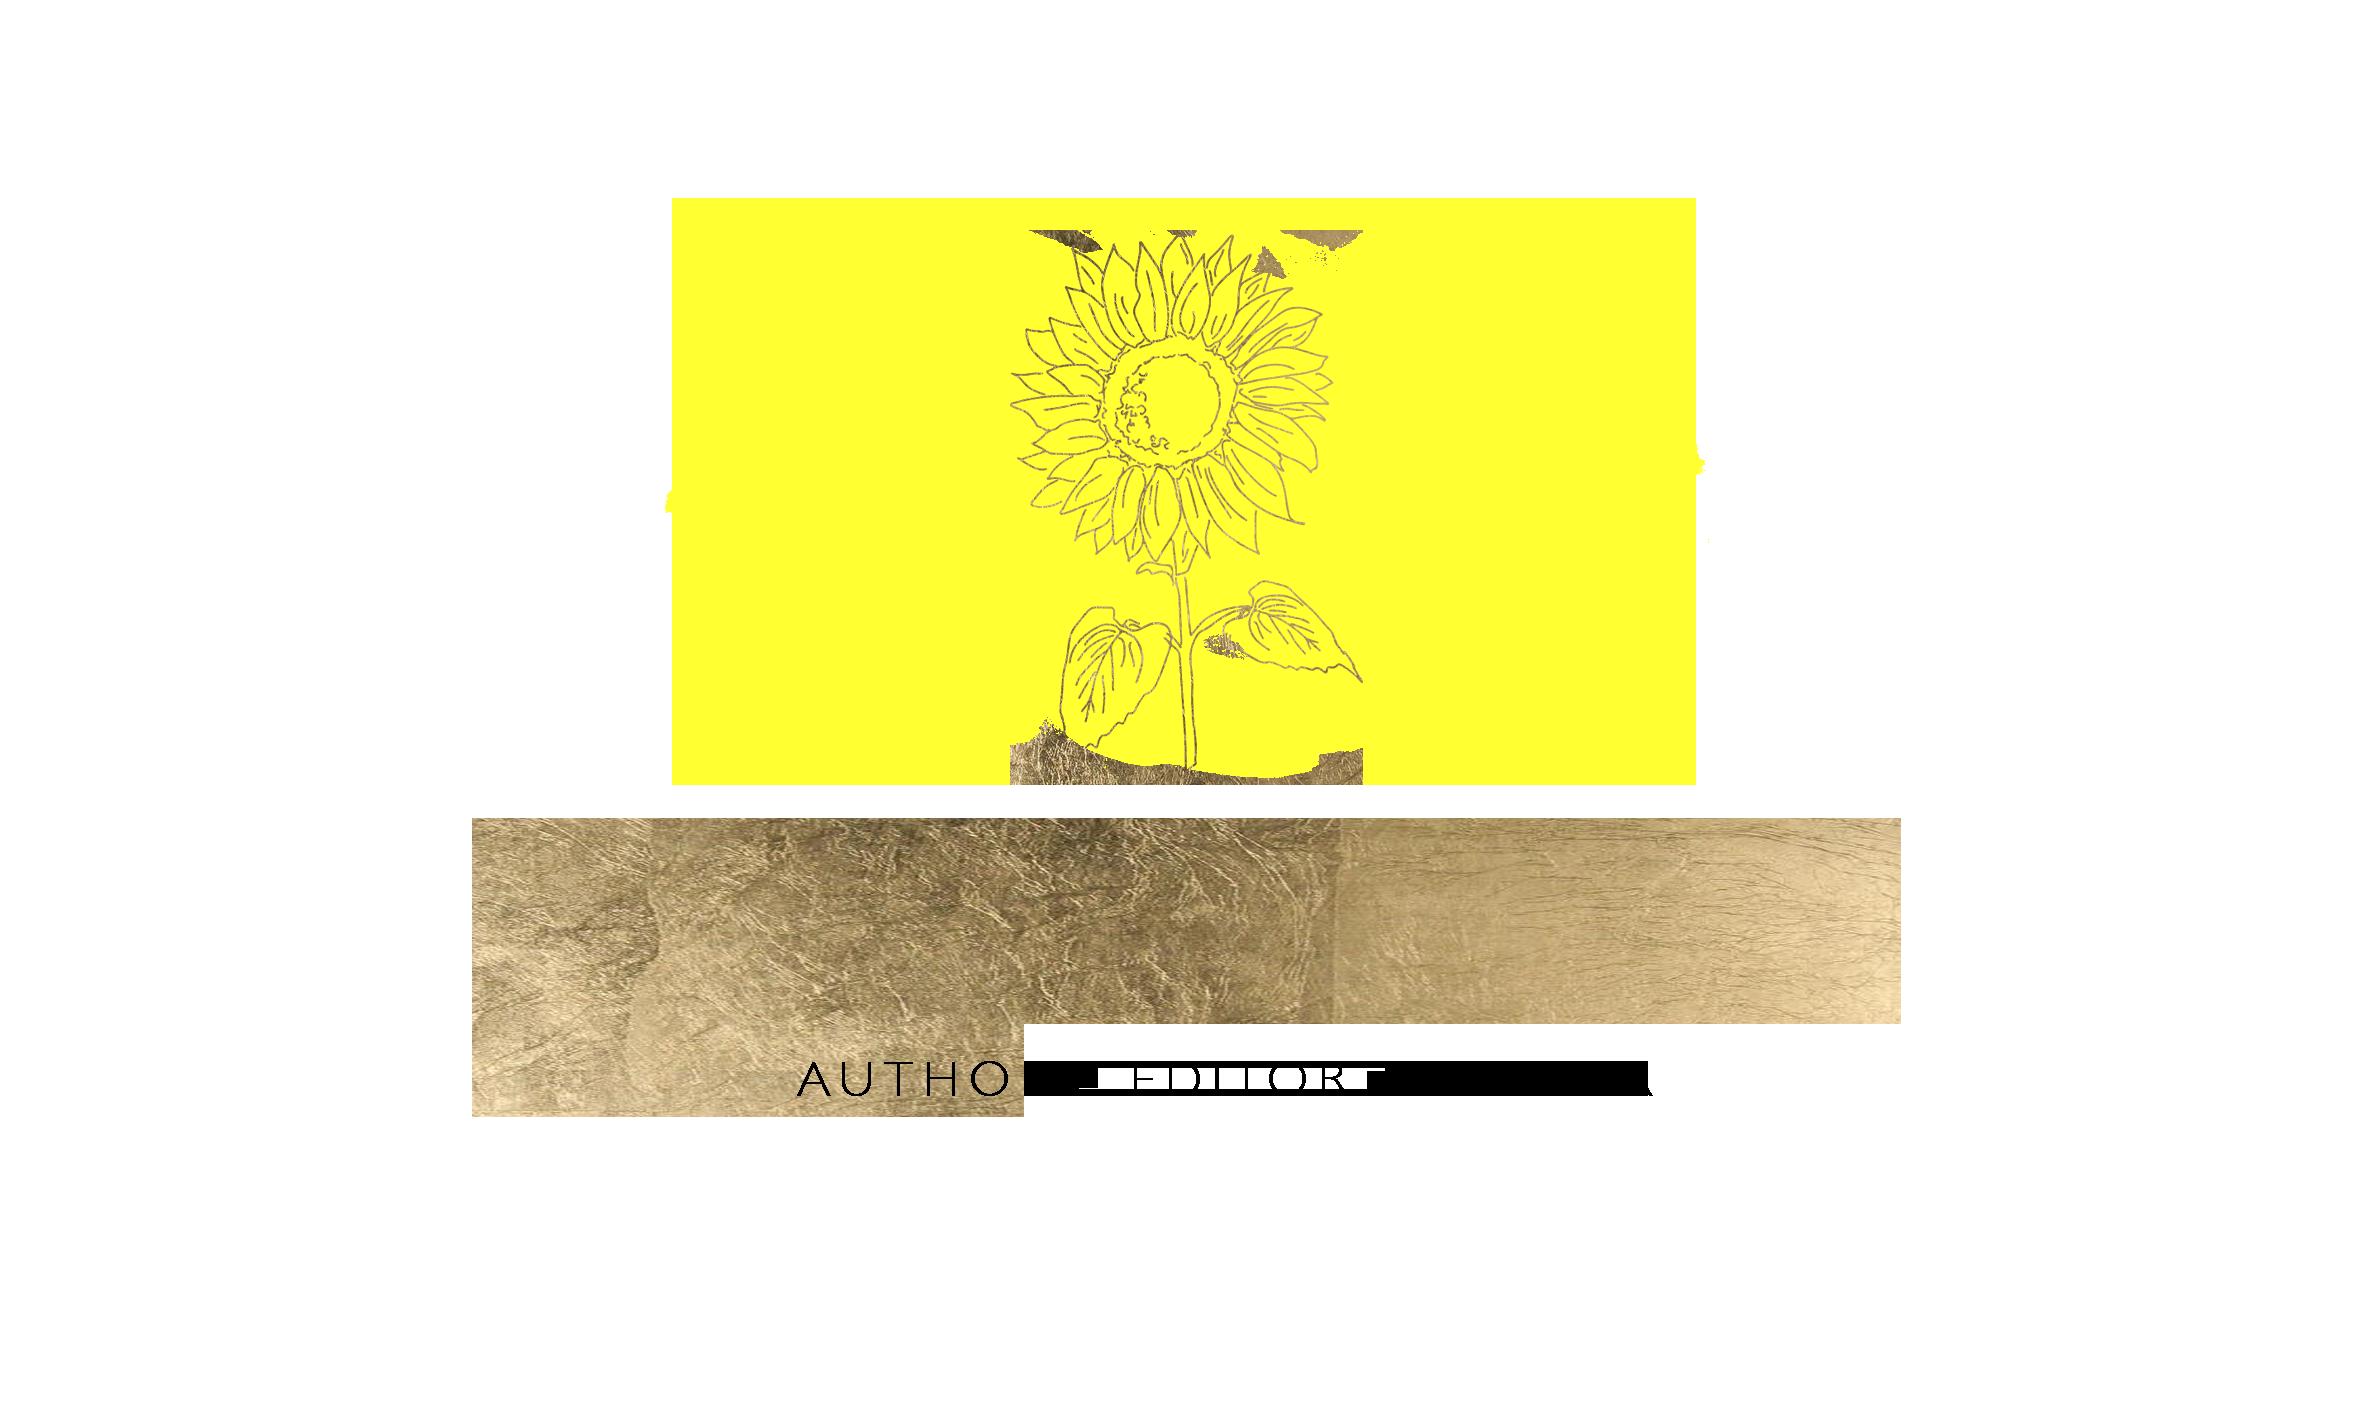 logo-elizabeth peirce